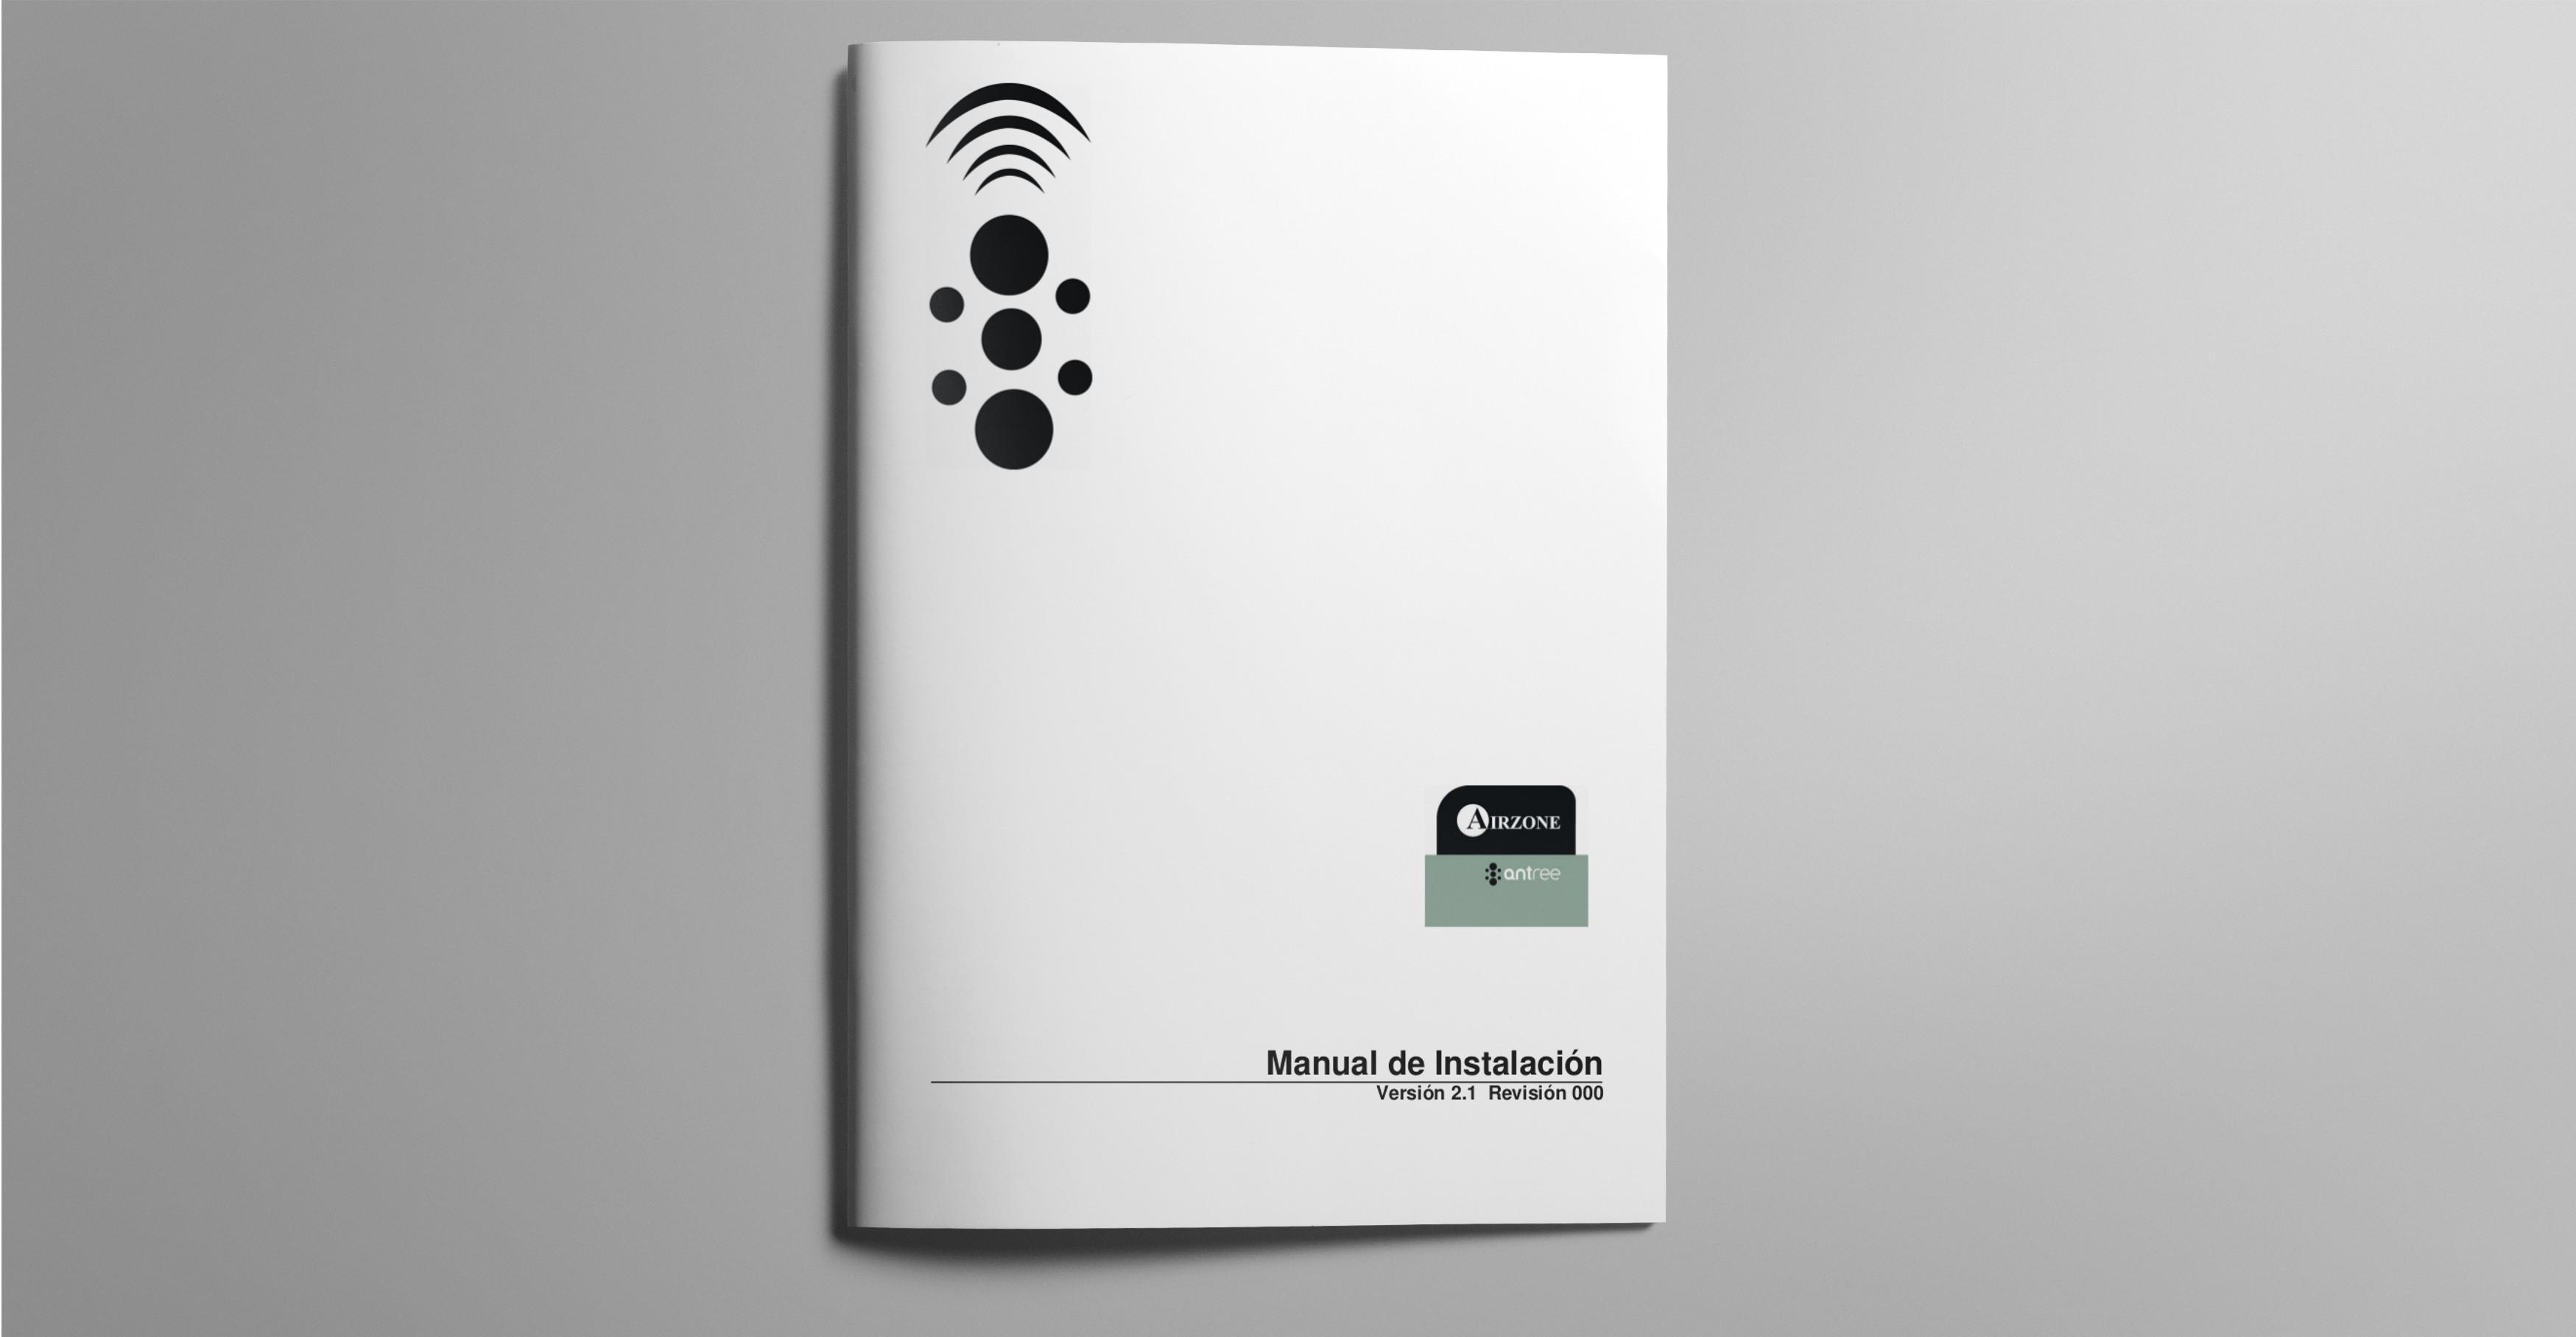 Manual de instalación antree (2008-2012)